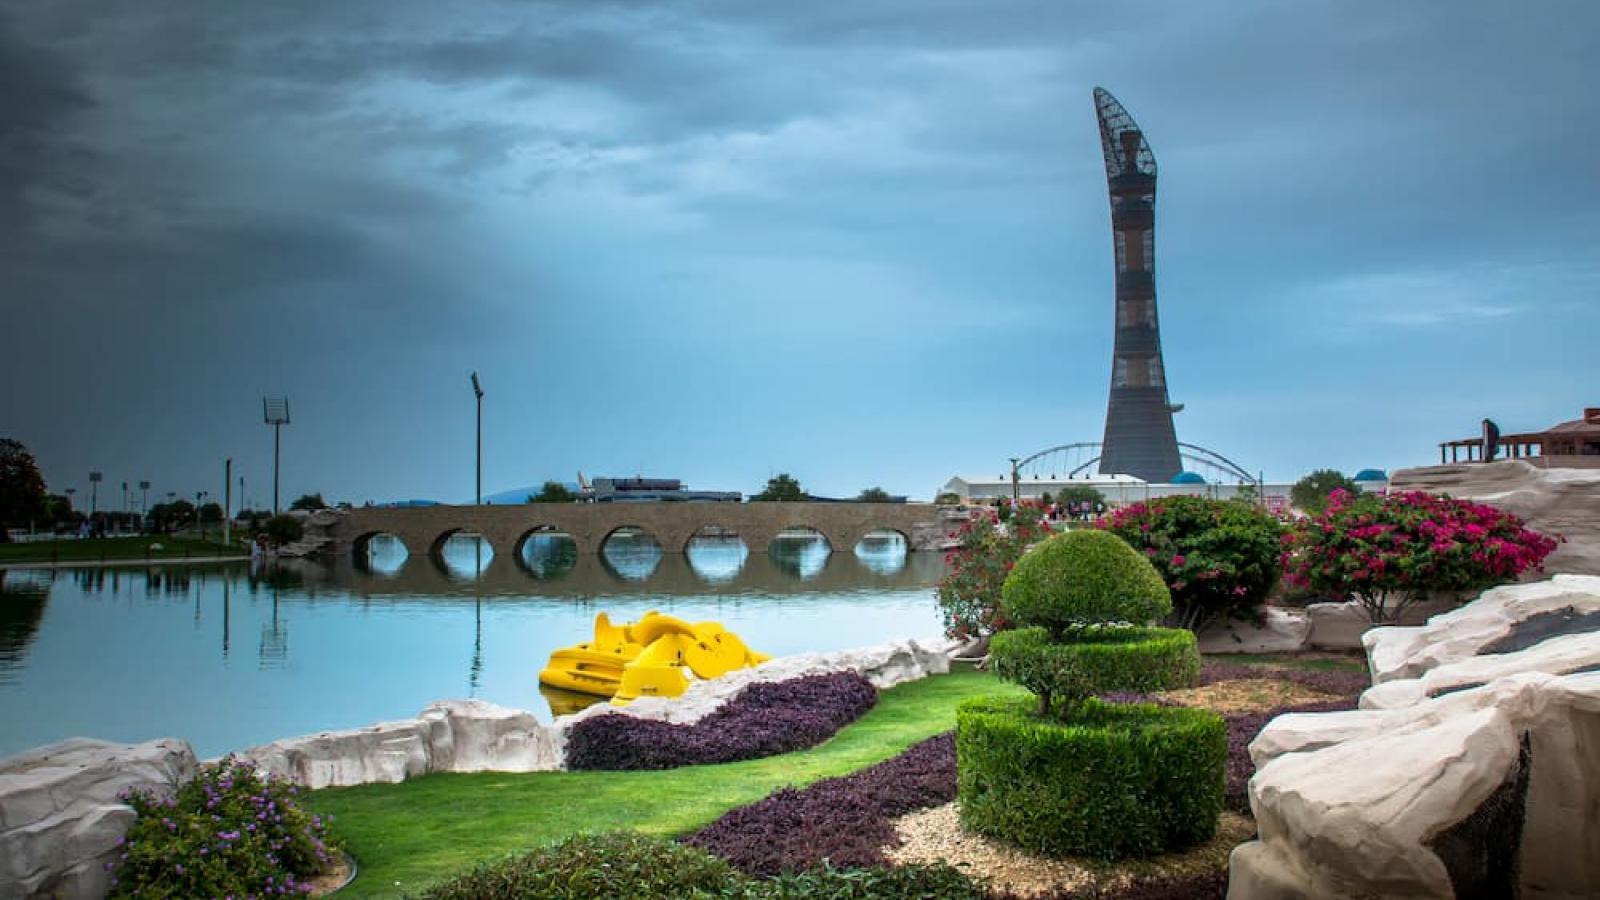 WATCH: Best parks to visit in Qatar this winter